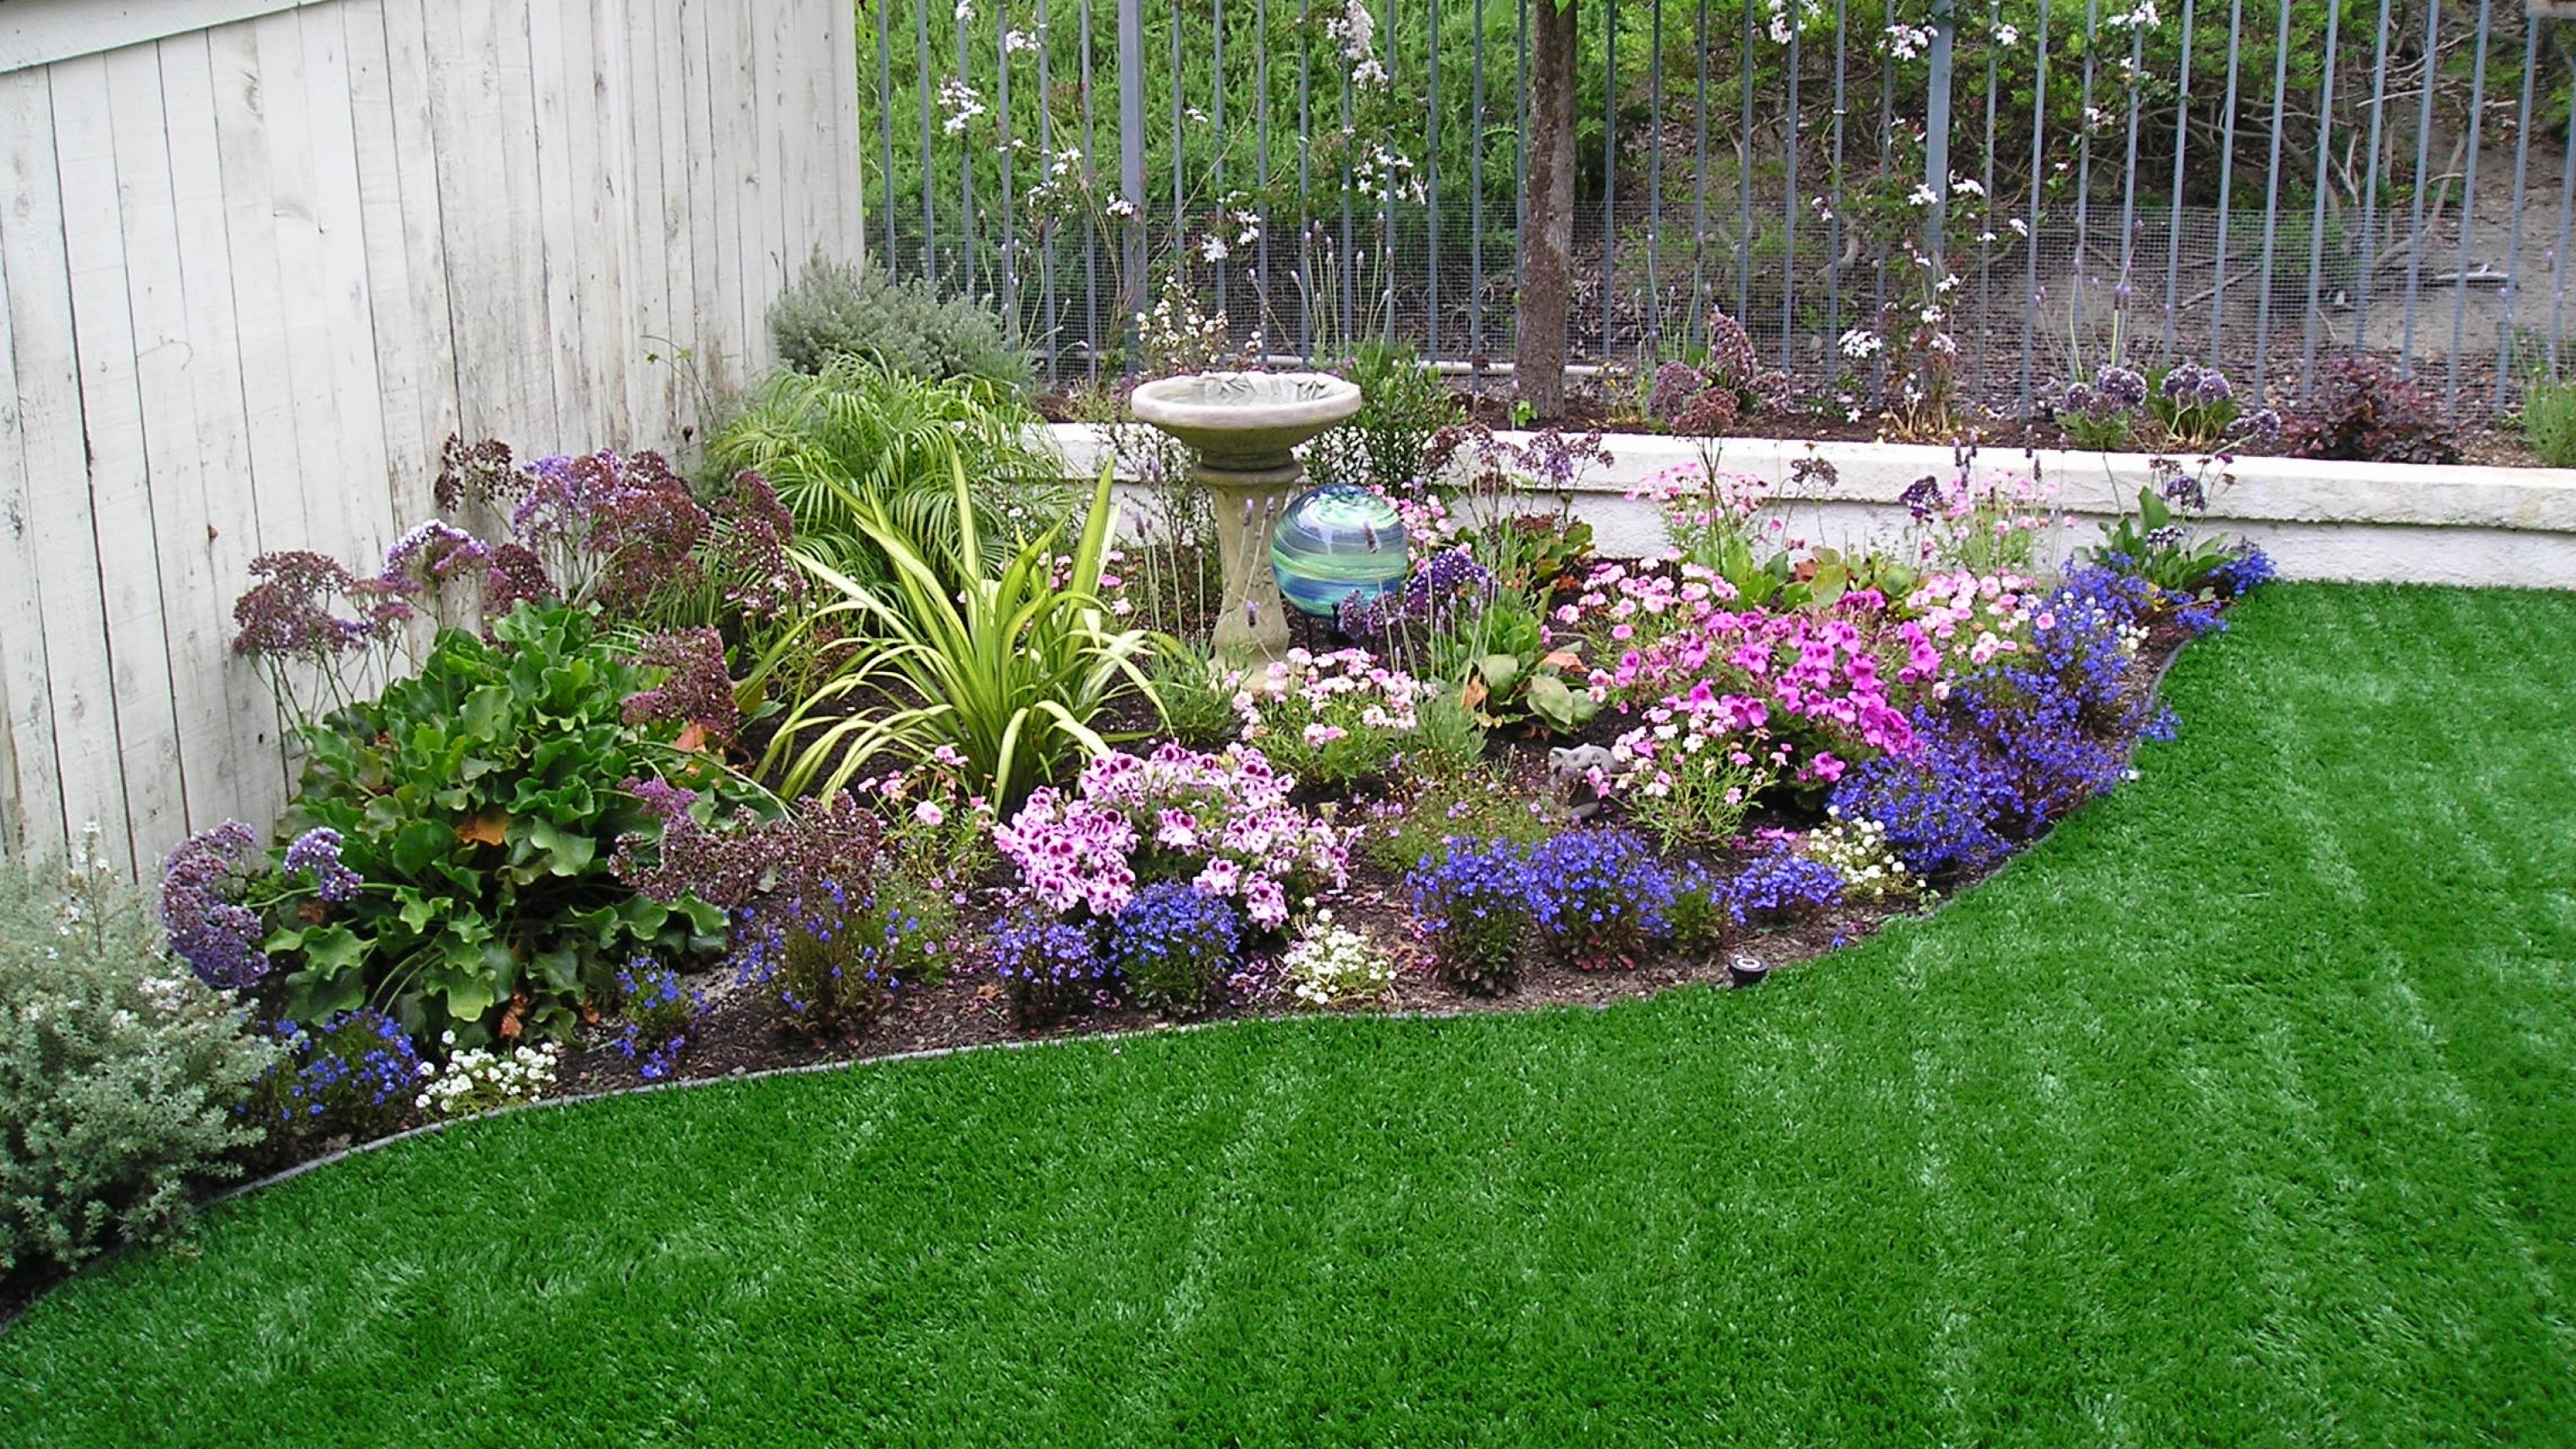 Super Natural 60 waterless grass,high quality artificial grass